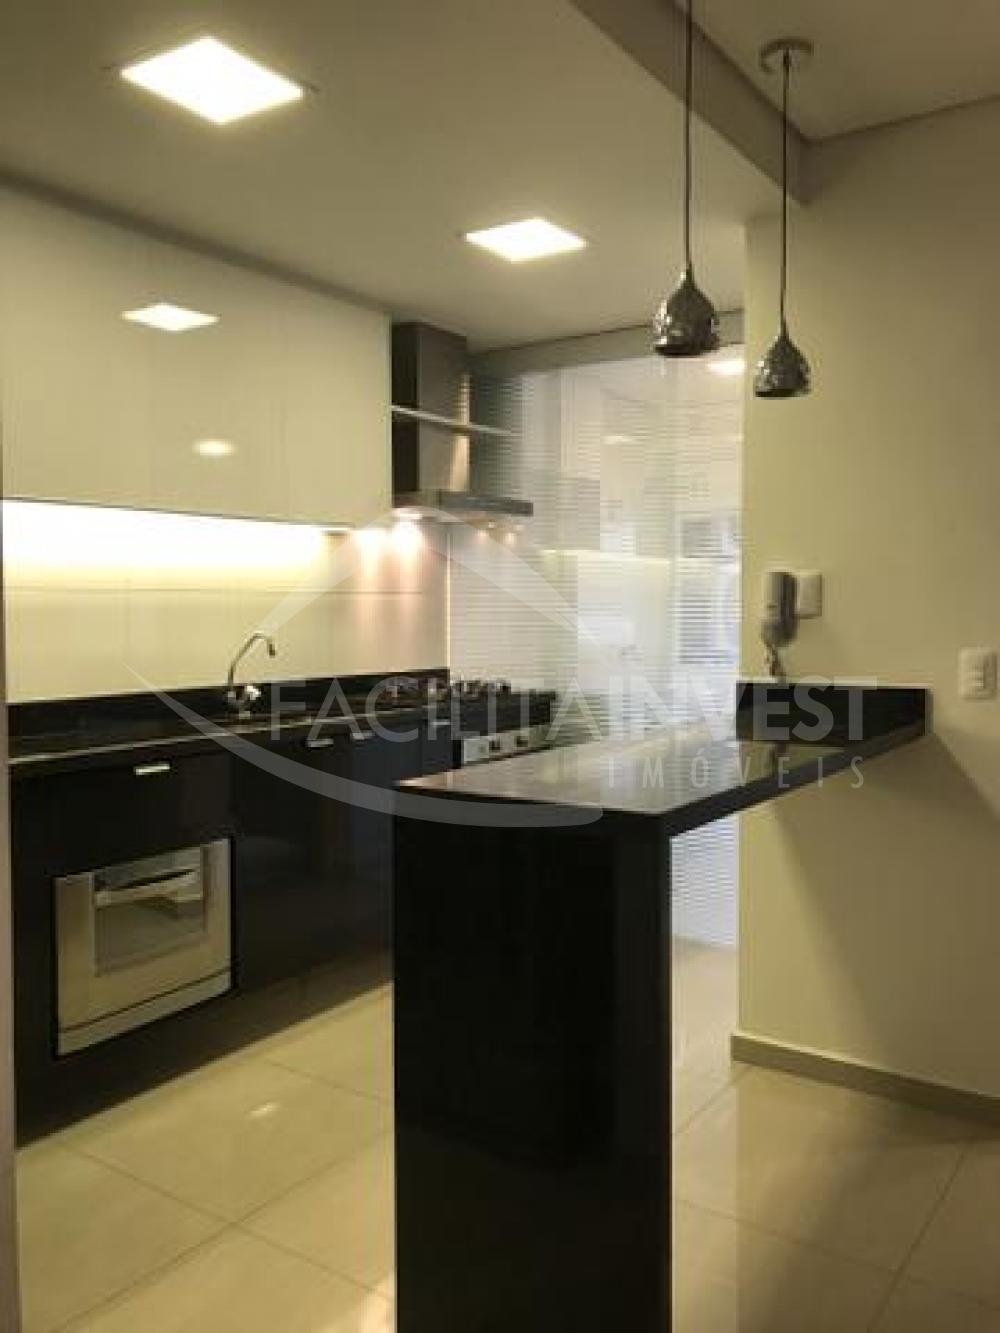 Comprar Apartamentos / Apart. Padrão em Ribeirão Preto apenas R$ 615.000,00 - Foto 1